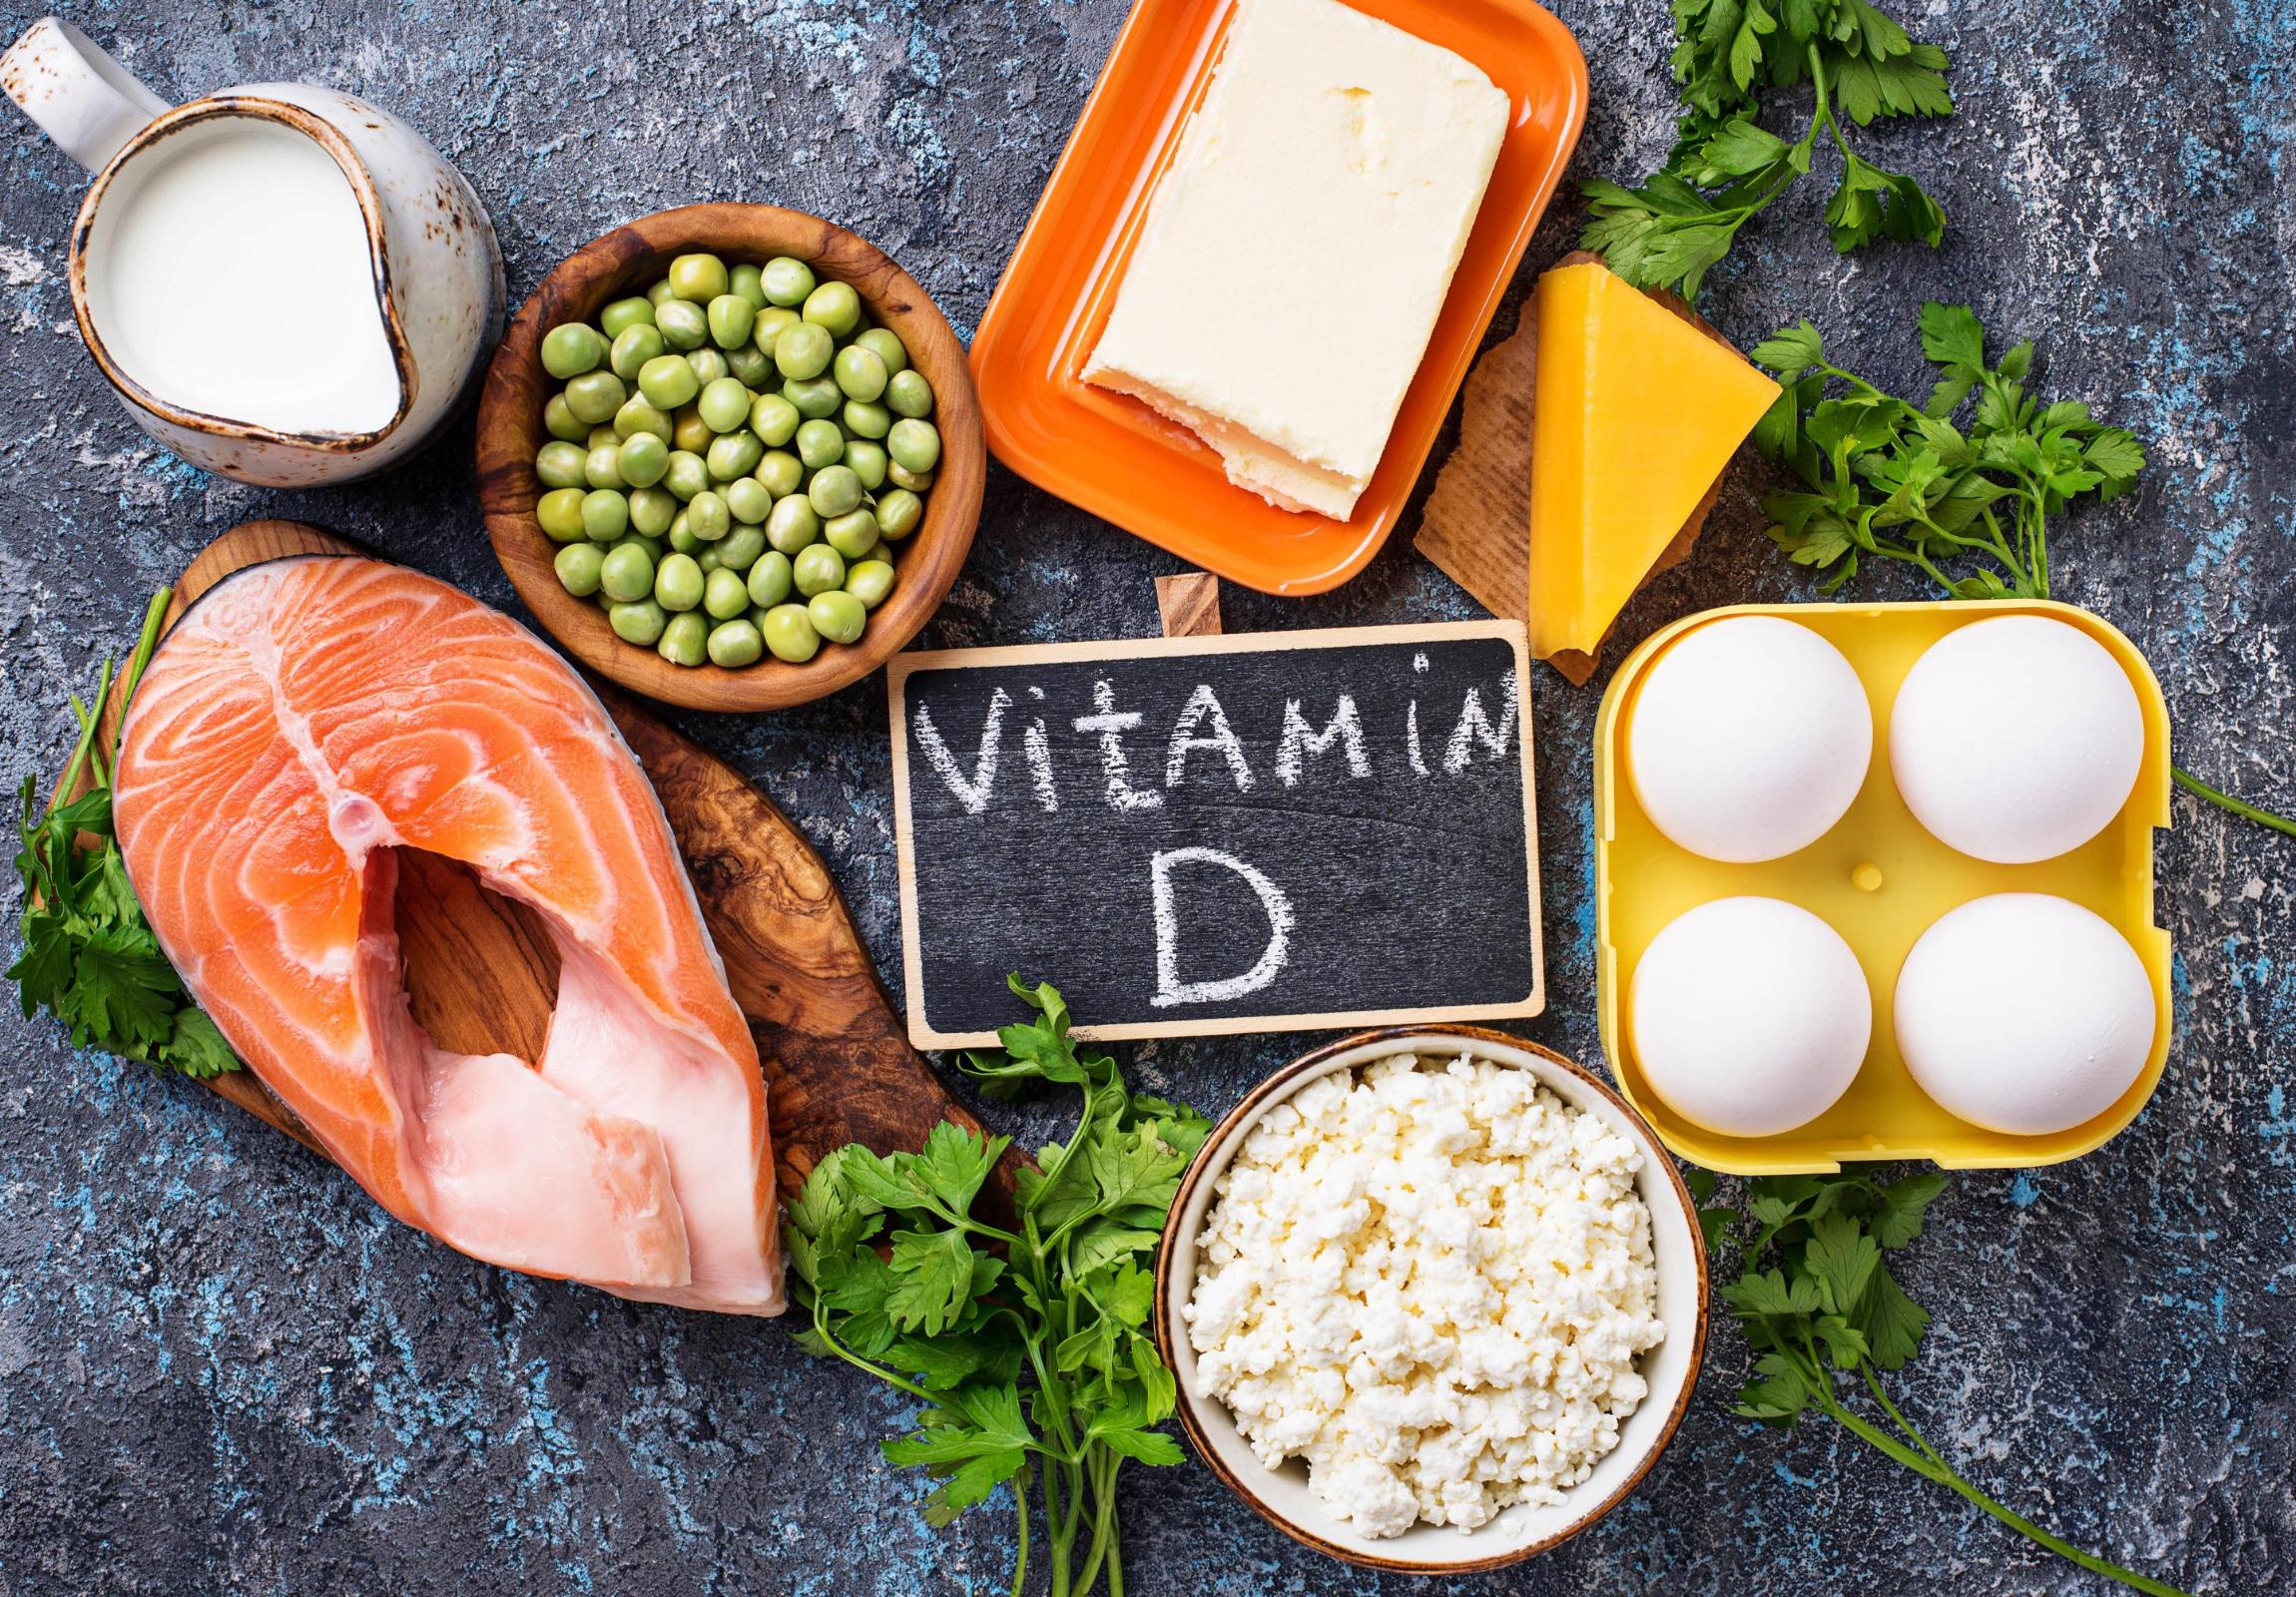 Витамин Д. Почему о нем так много говорят?